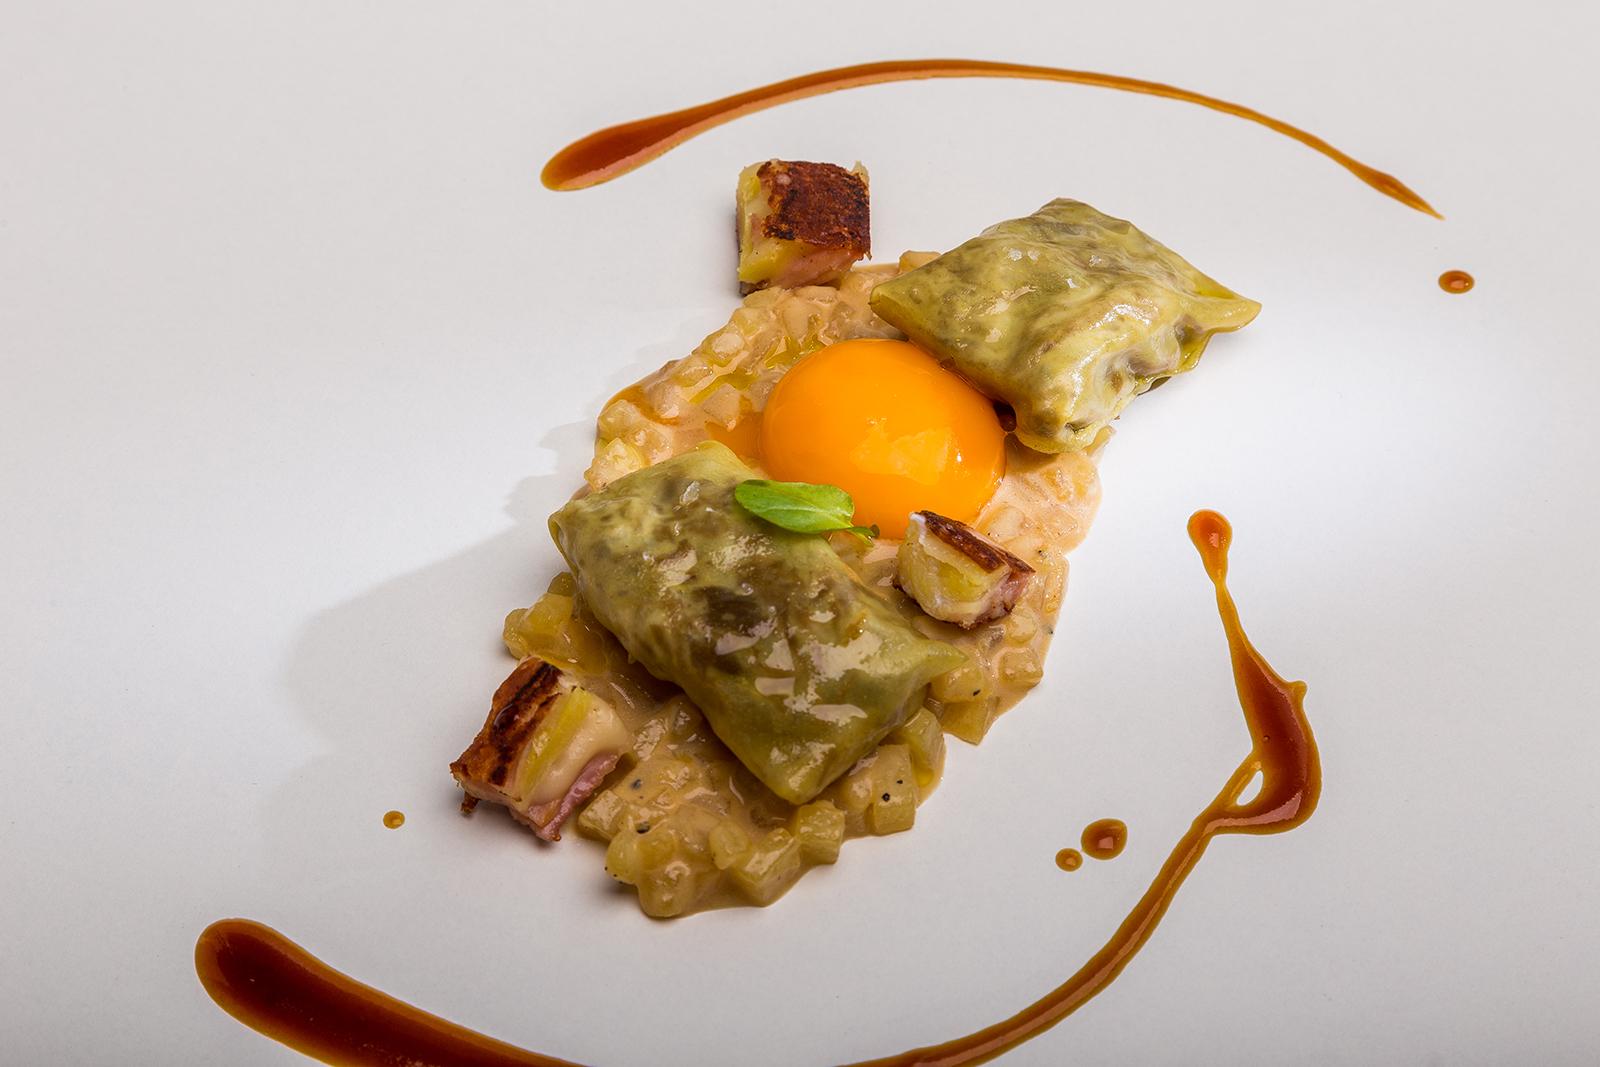 Ravioli de pato y hongos sobre falso risotto de patata y huevo a baja temperatura, Restaurante Jaizkibel